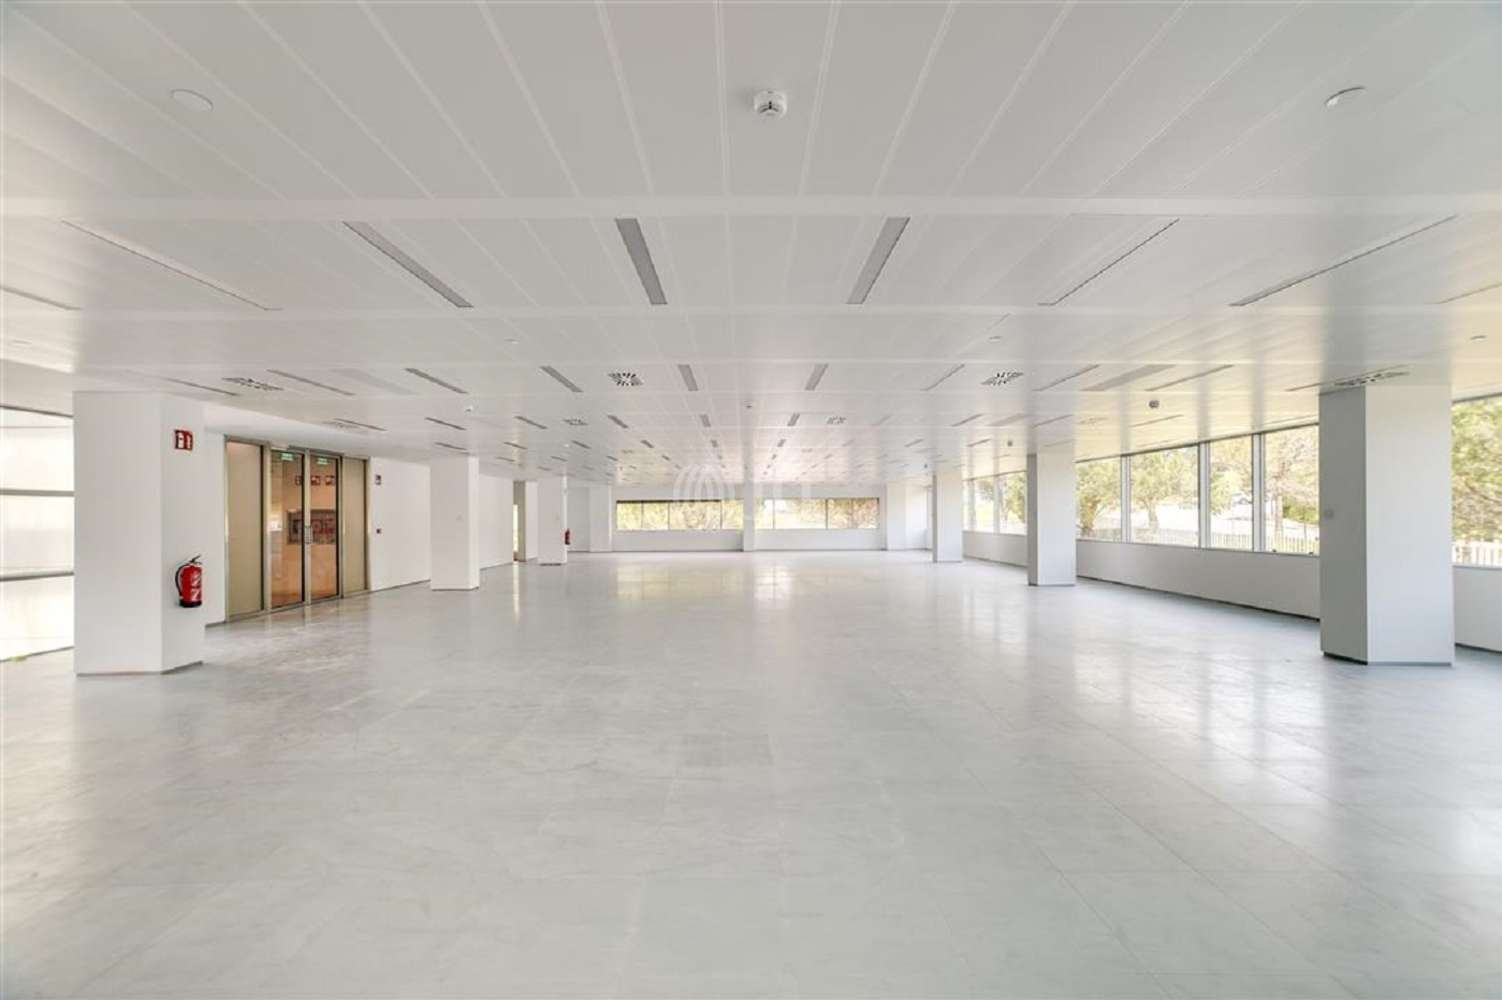 Oficina Sant cugat del vallès, 08174 - SANT CUGAT NORD - Edifici A - 18013